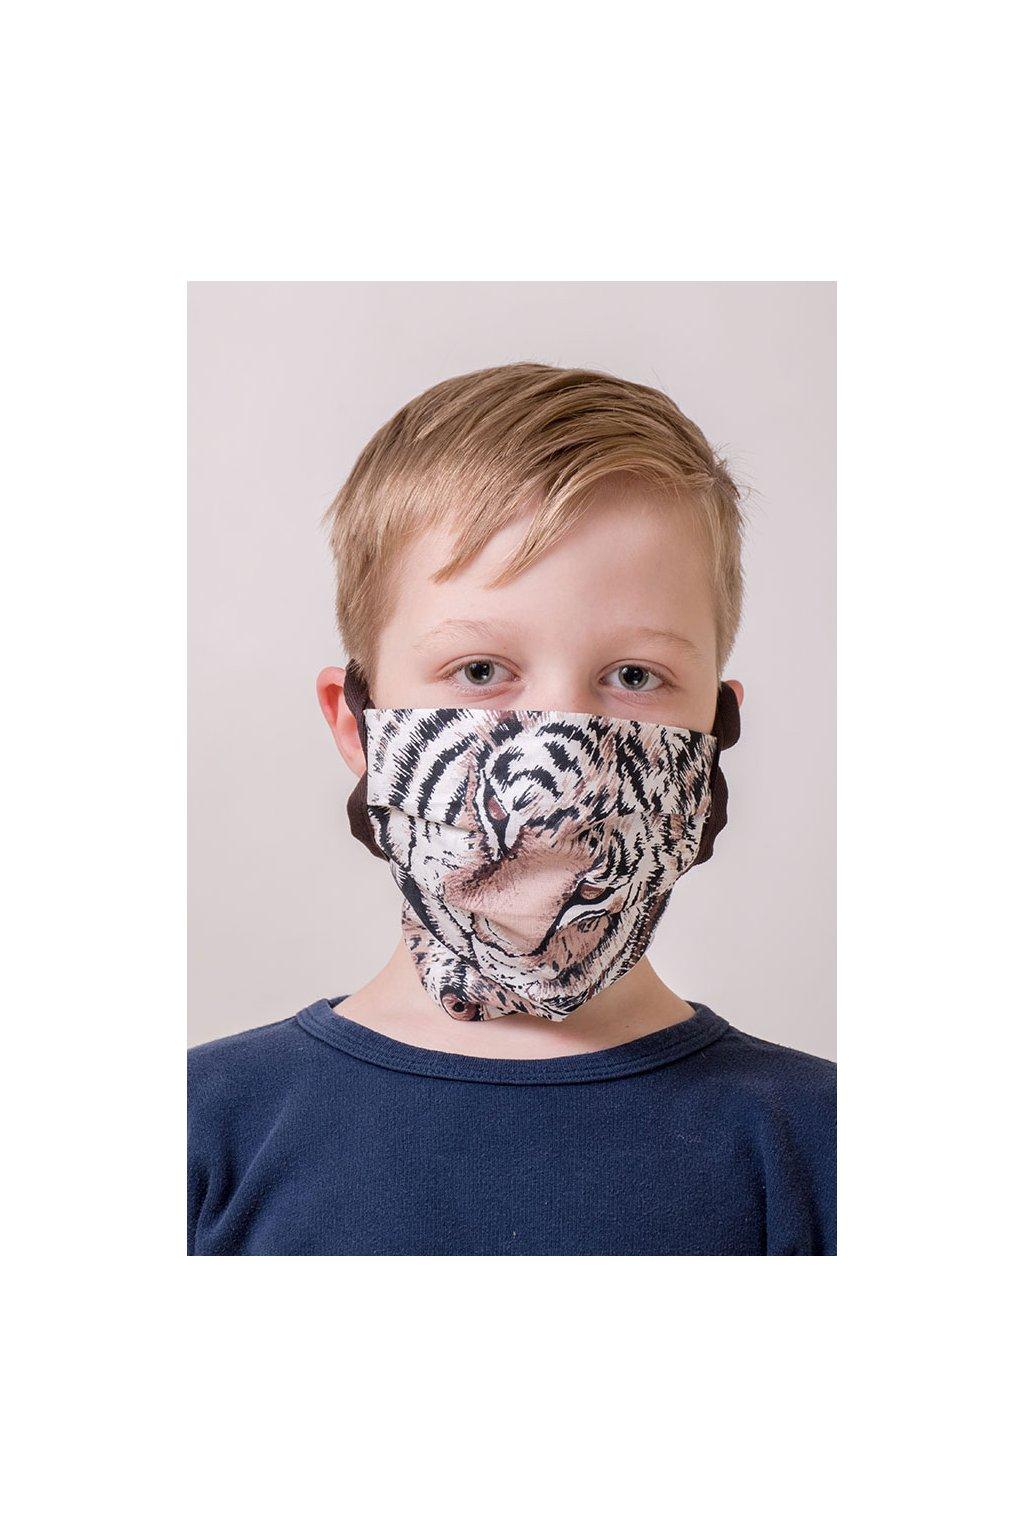 Dětská bavlněná rouška na ústa a nos dvouvrstvá skládaná s kapsou, šňůry z keprové stuhy, 787-209, Hnědá/tygr